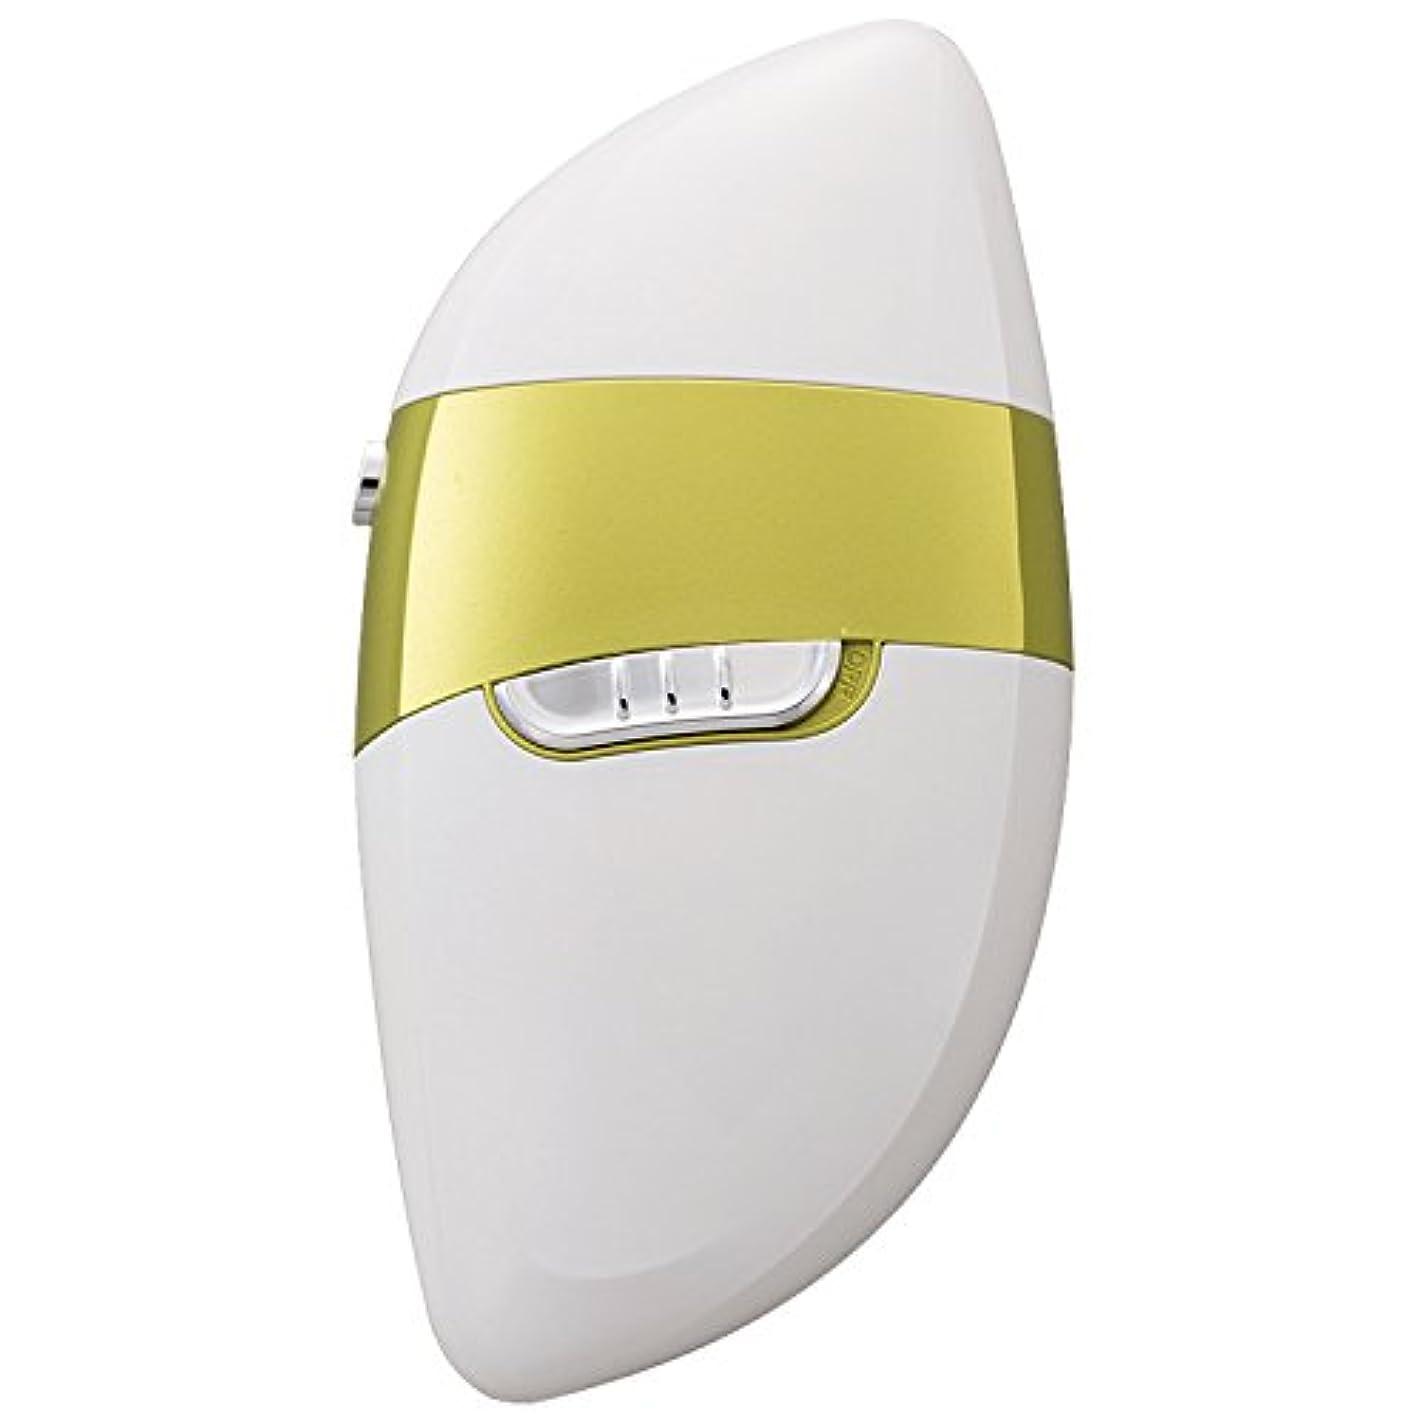 勇者ページ装置マリン商事 電動爪切り Leaf 角質ローラー付 EL-50176